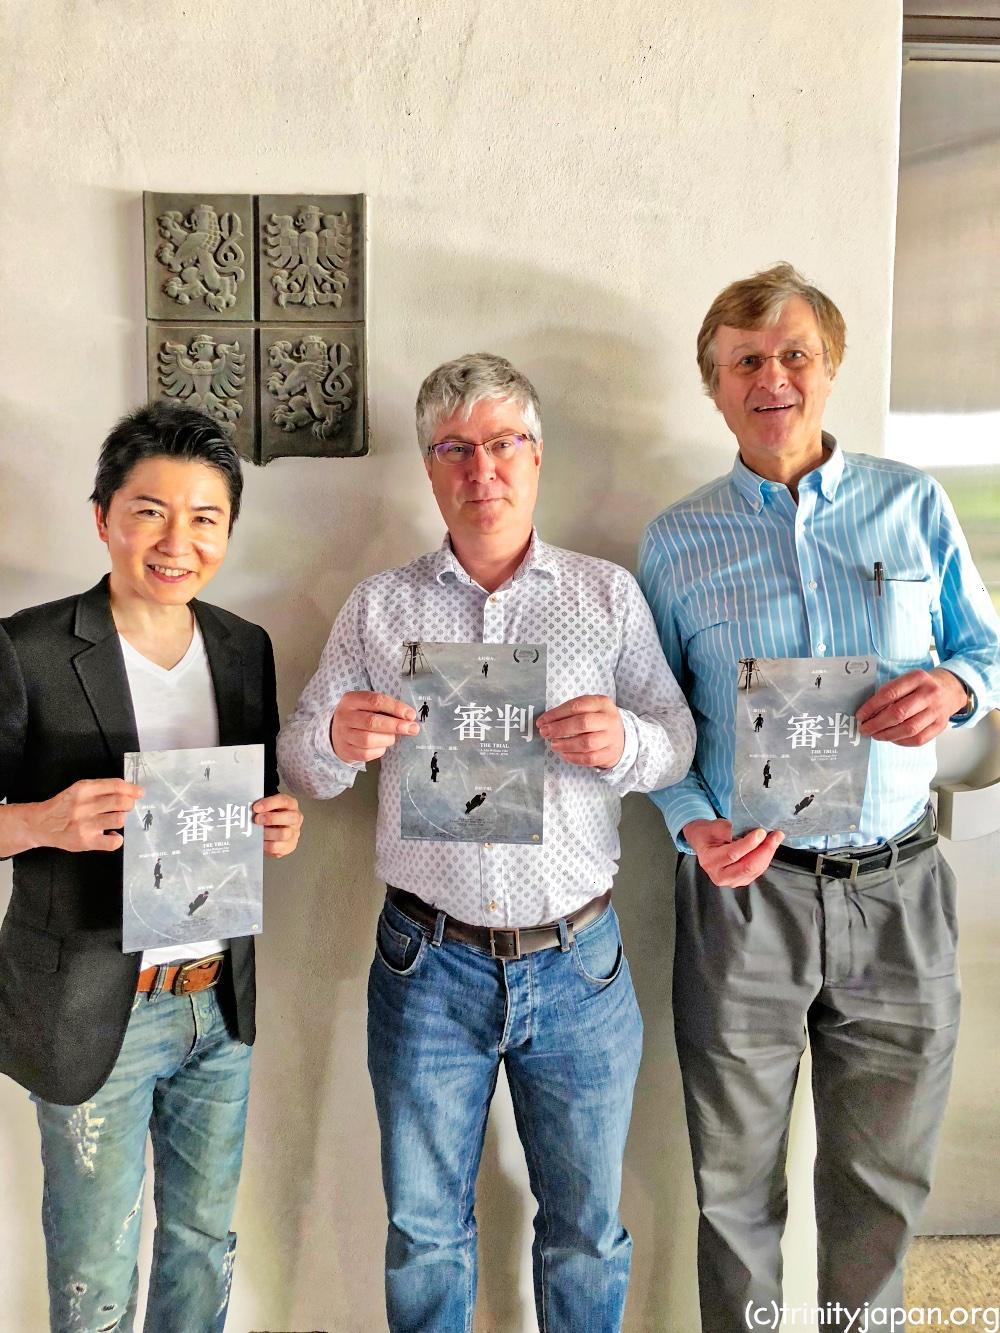 ジョン・ウィリアムズの映画「審判」のプリービュー2018年4月26日。フランツ・カフカの小説「審判」は現代の日本へ。